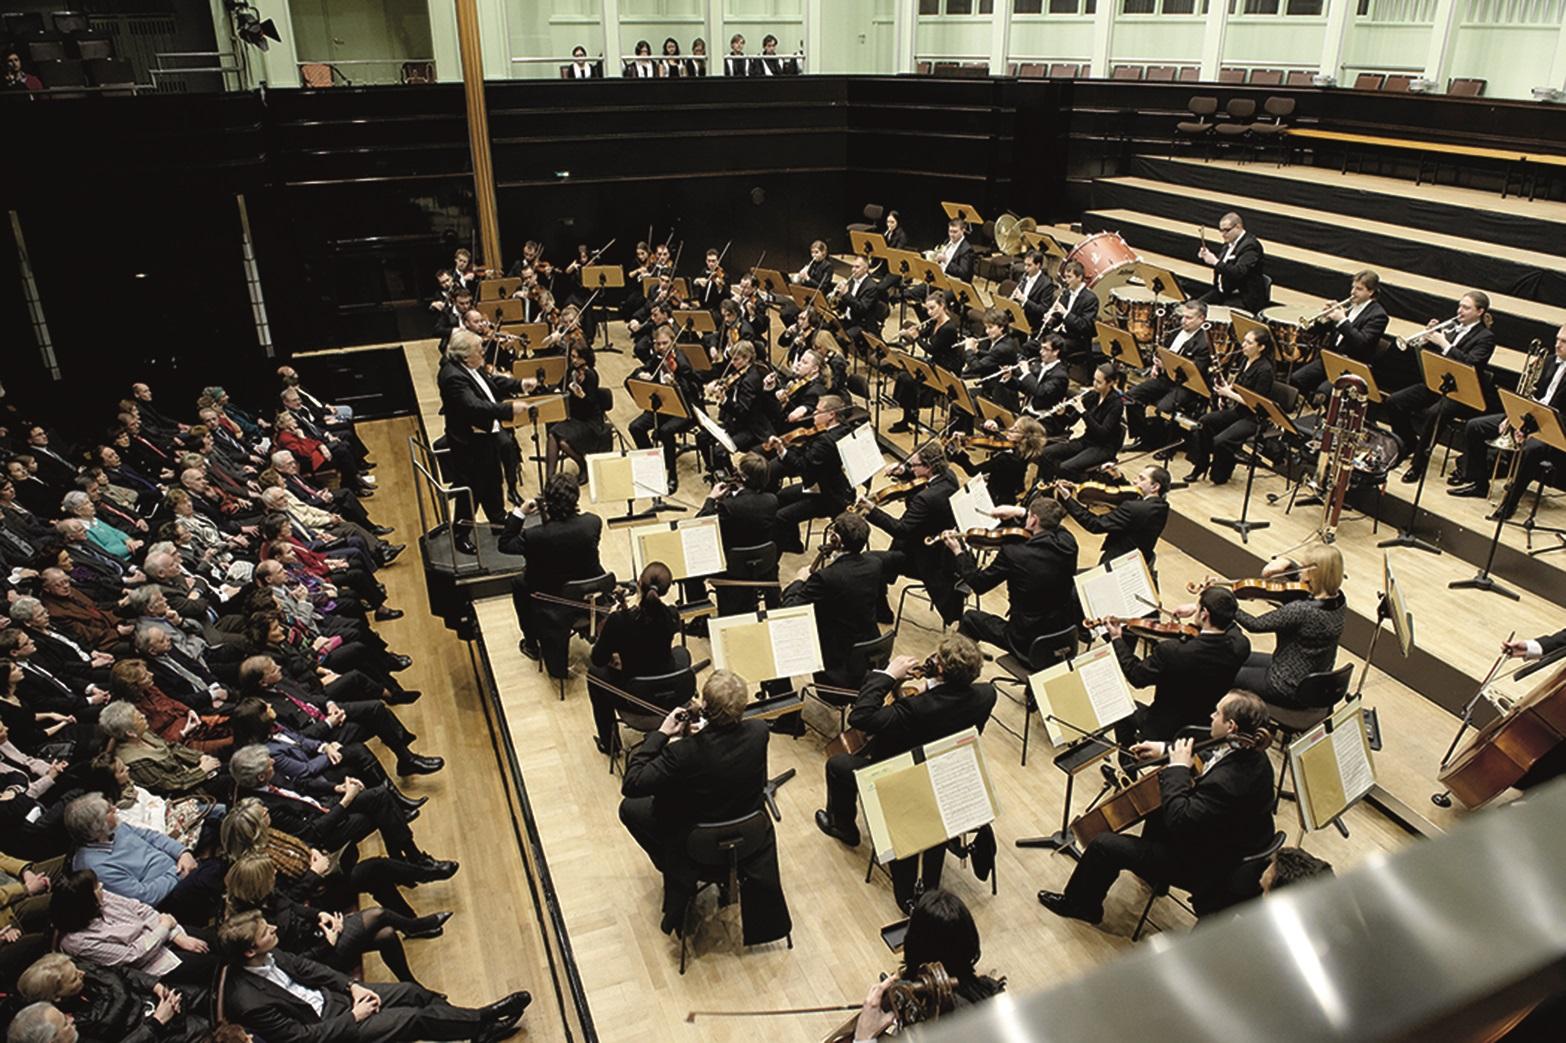 Праздничный концерт в честь 50-летия установления дипломатических отношений между Израилем и Германией